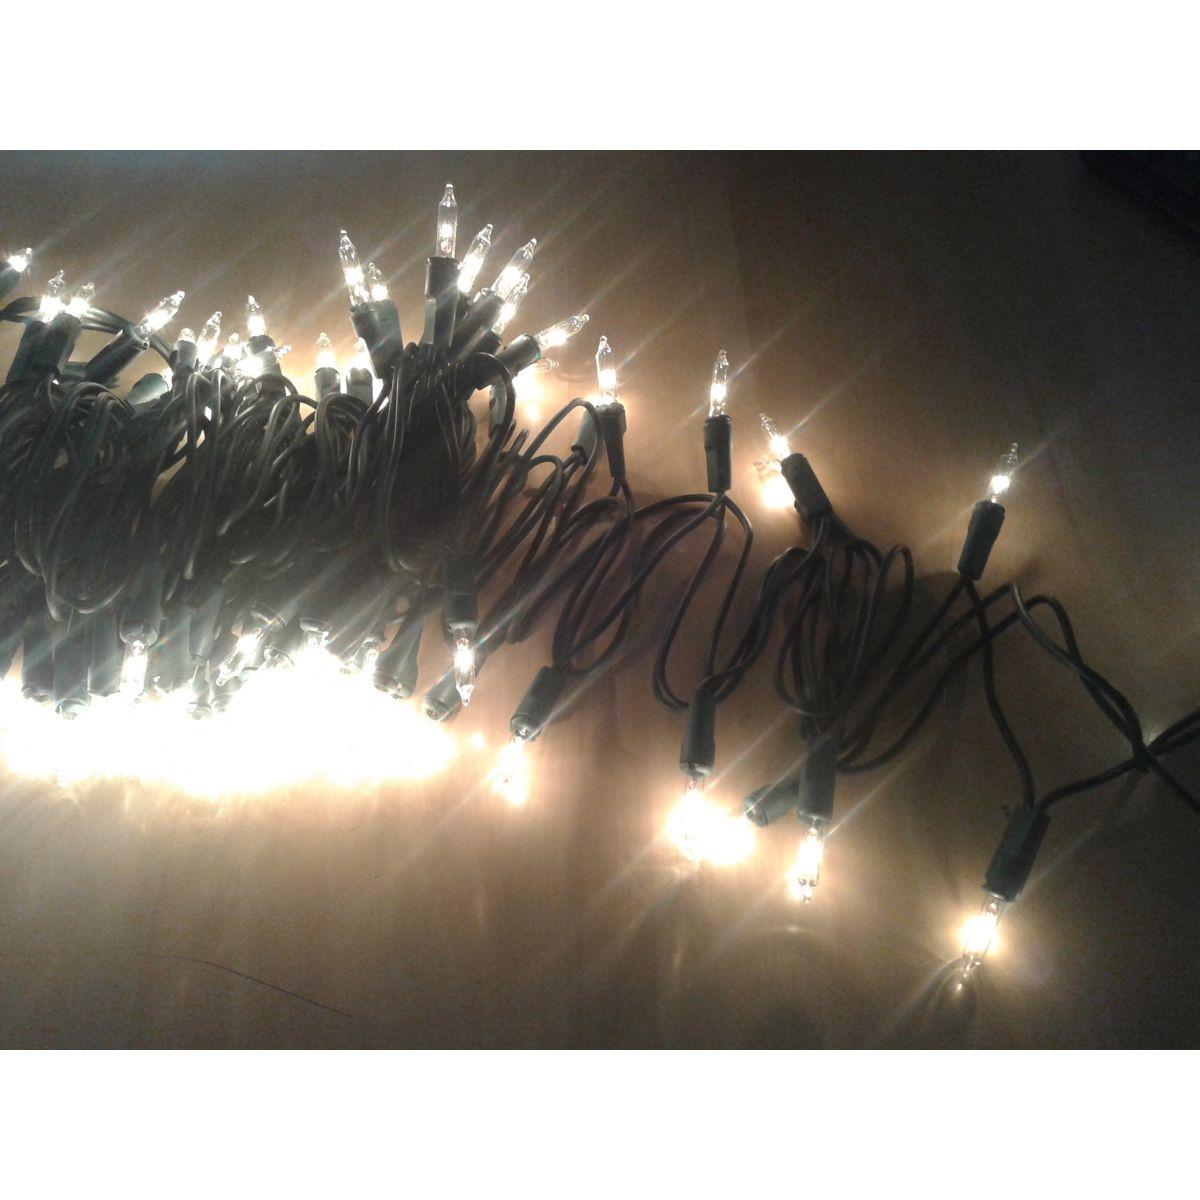 Pisca Padrão UL - Fio Verde 100 Lampadas Luzes Brancas FIXO (Não pisca) - 6,5 Mts. - Magazine Legal